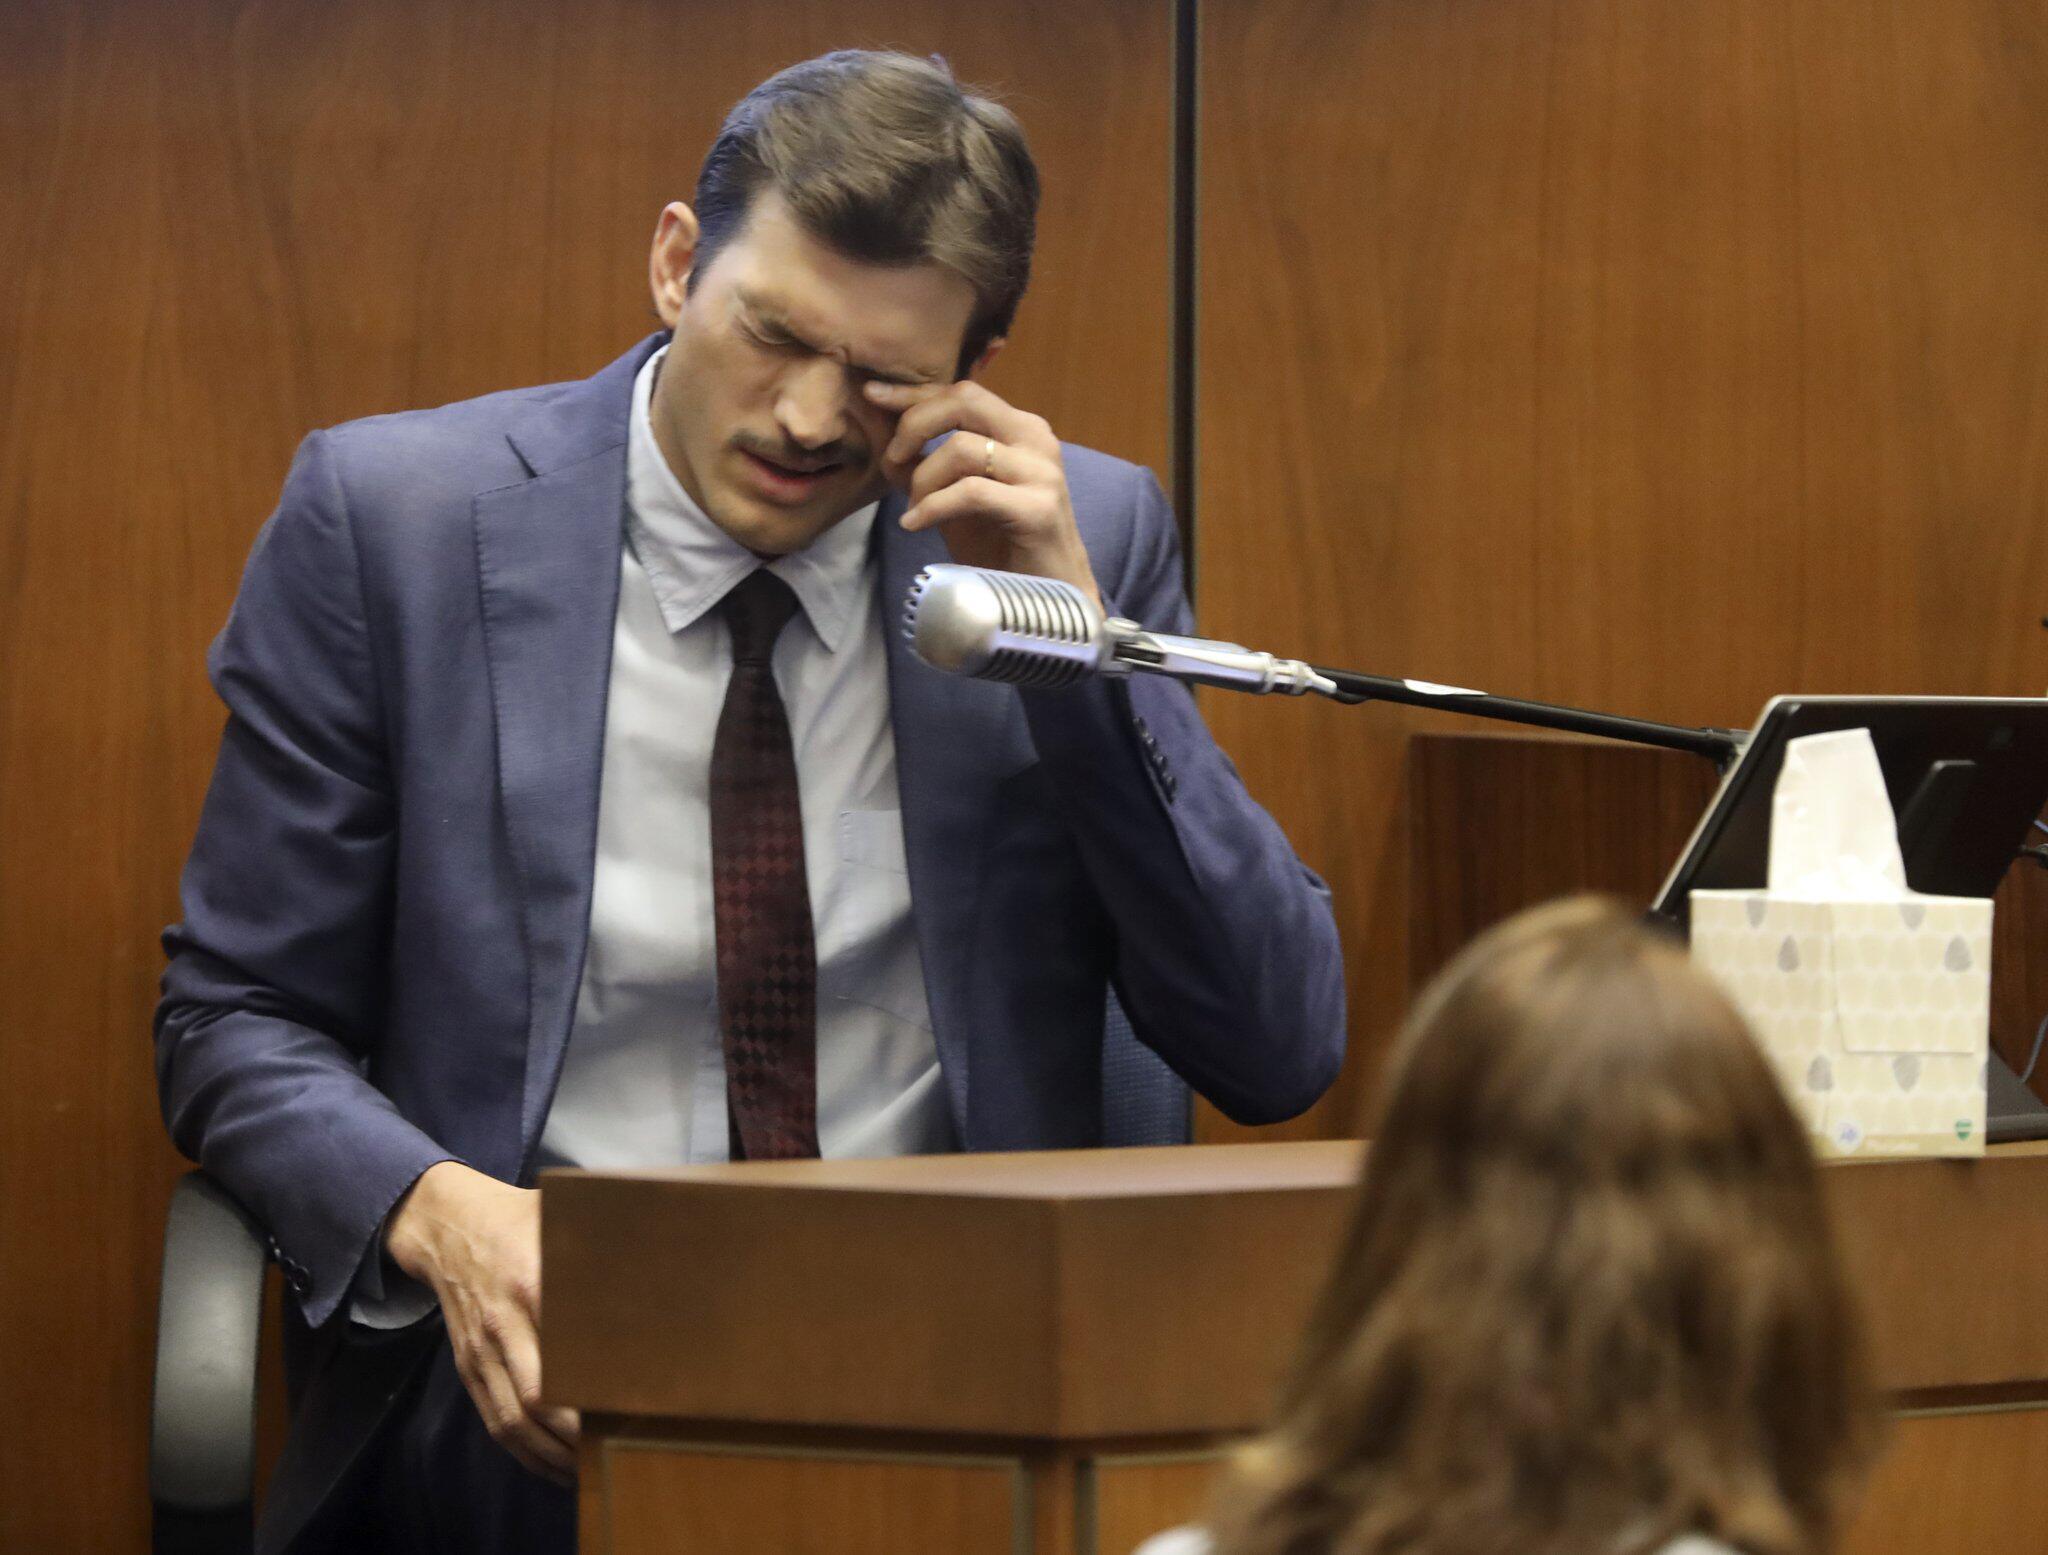 Bild zu Ashton Kutcher sagt in Mordprozess gegen «Hollywood Ripper» aus